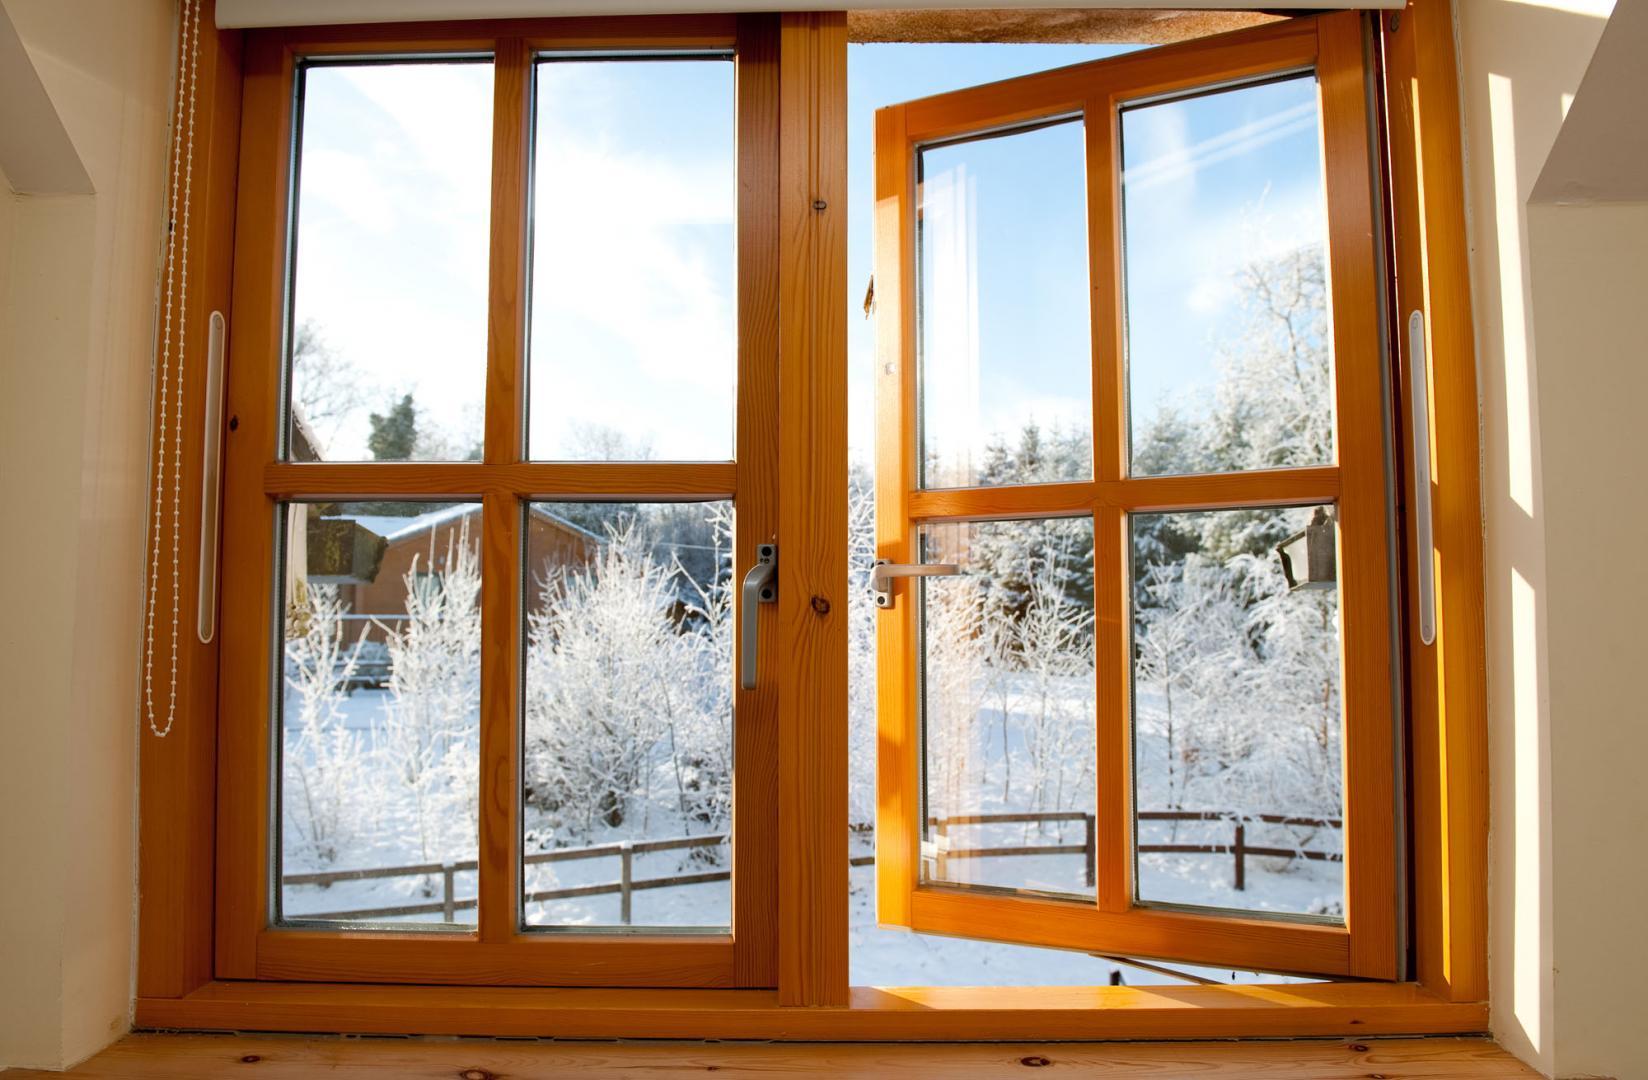 fenêtres en menuiserie bois